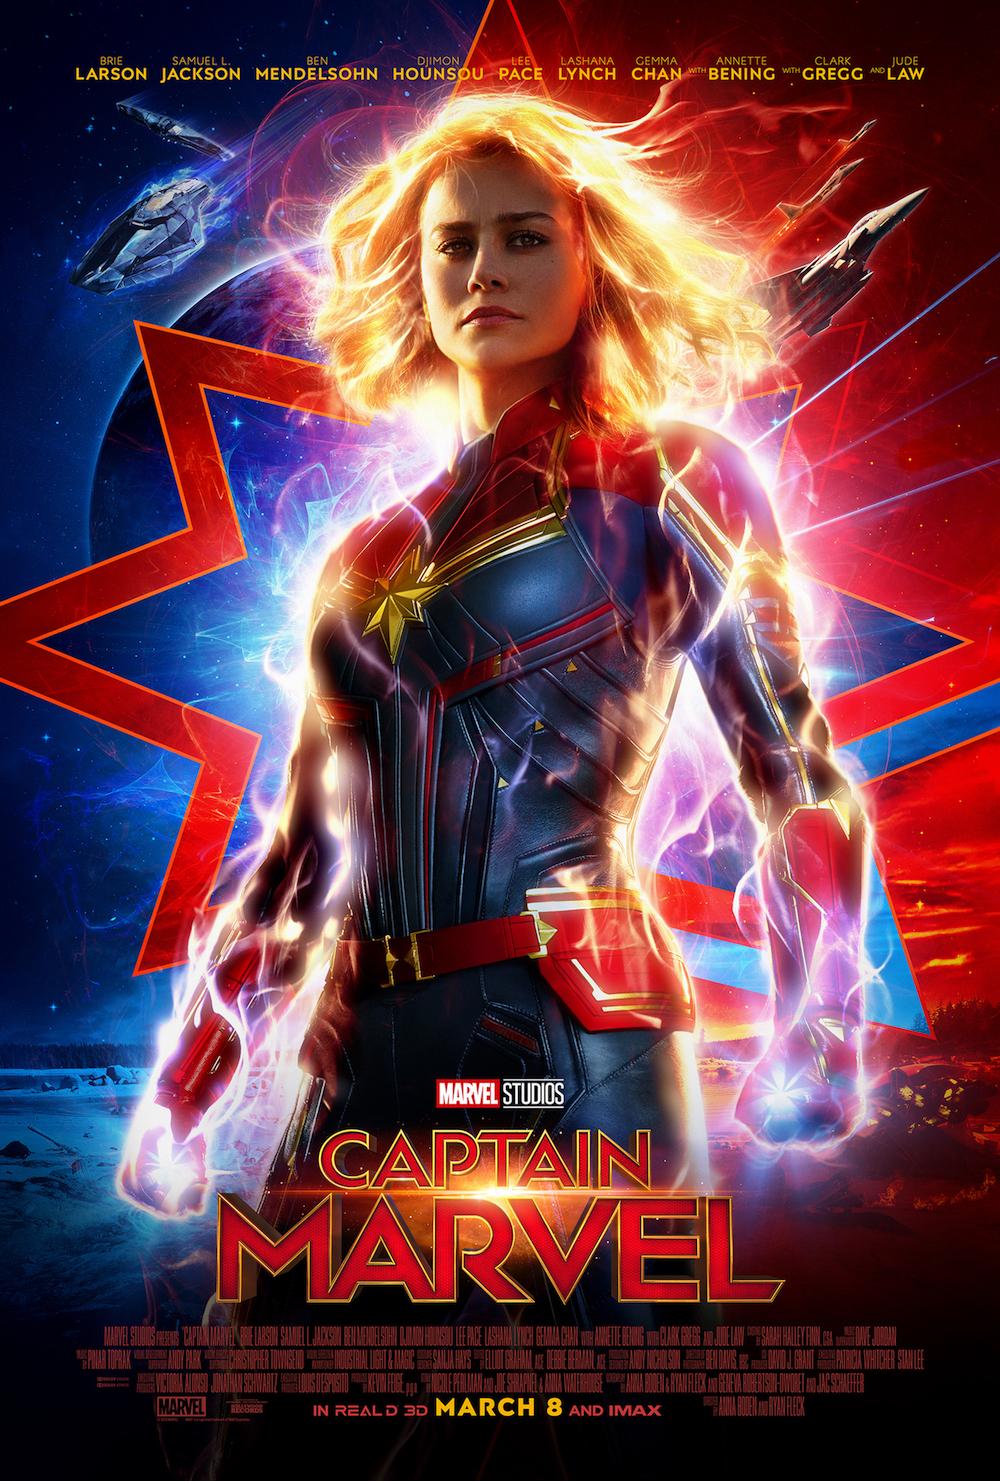 Brie-Larson-Captain-Marvel-Poster